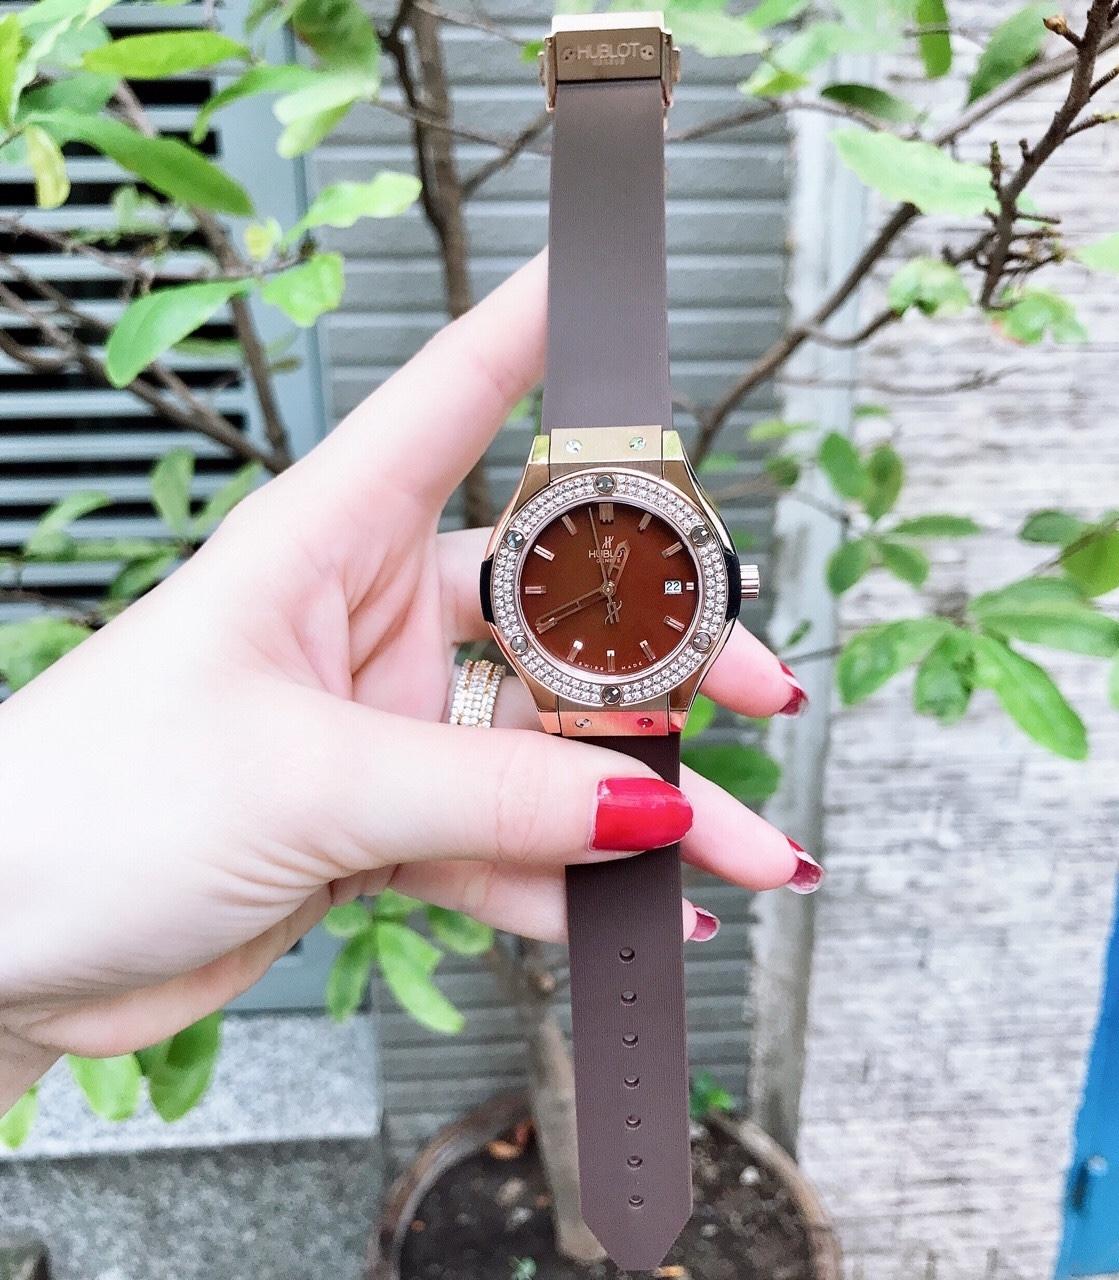 Đồng hồ thời trang Hublot nữ - Bản Nâu